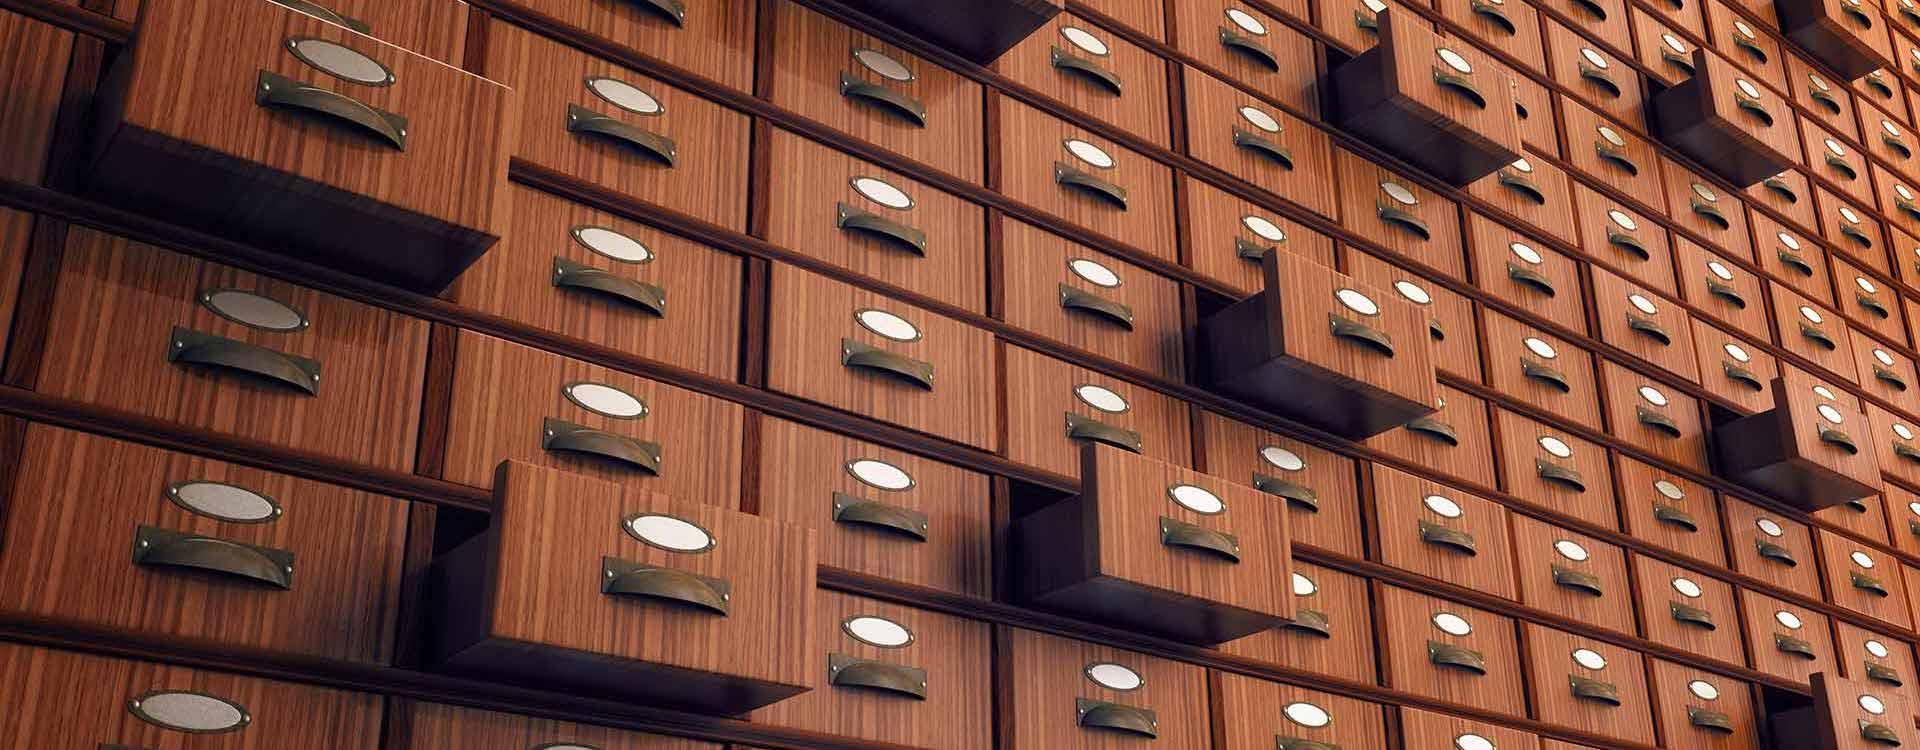 Архивы памяти: как мозг кодирует и воспроизводит воспоминания - 1